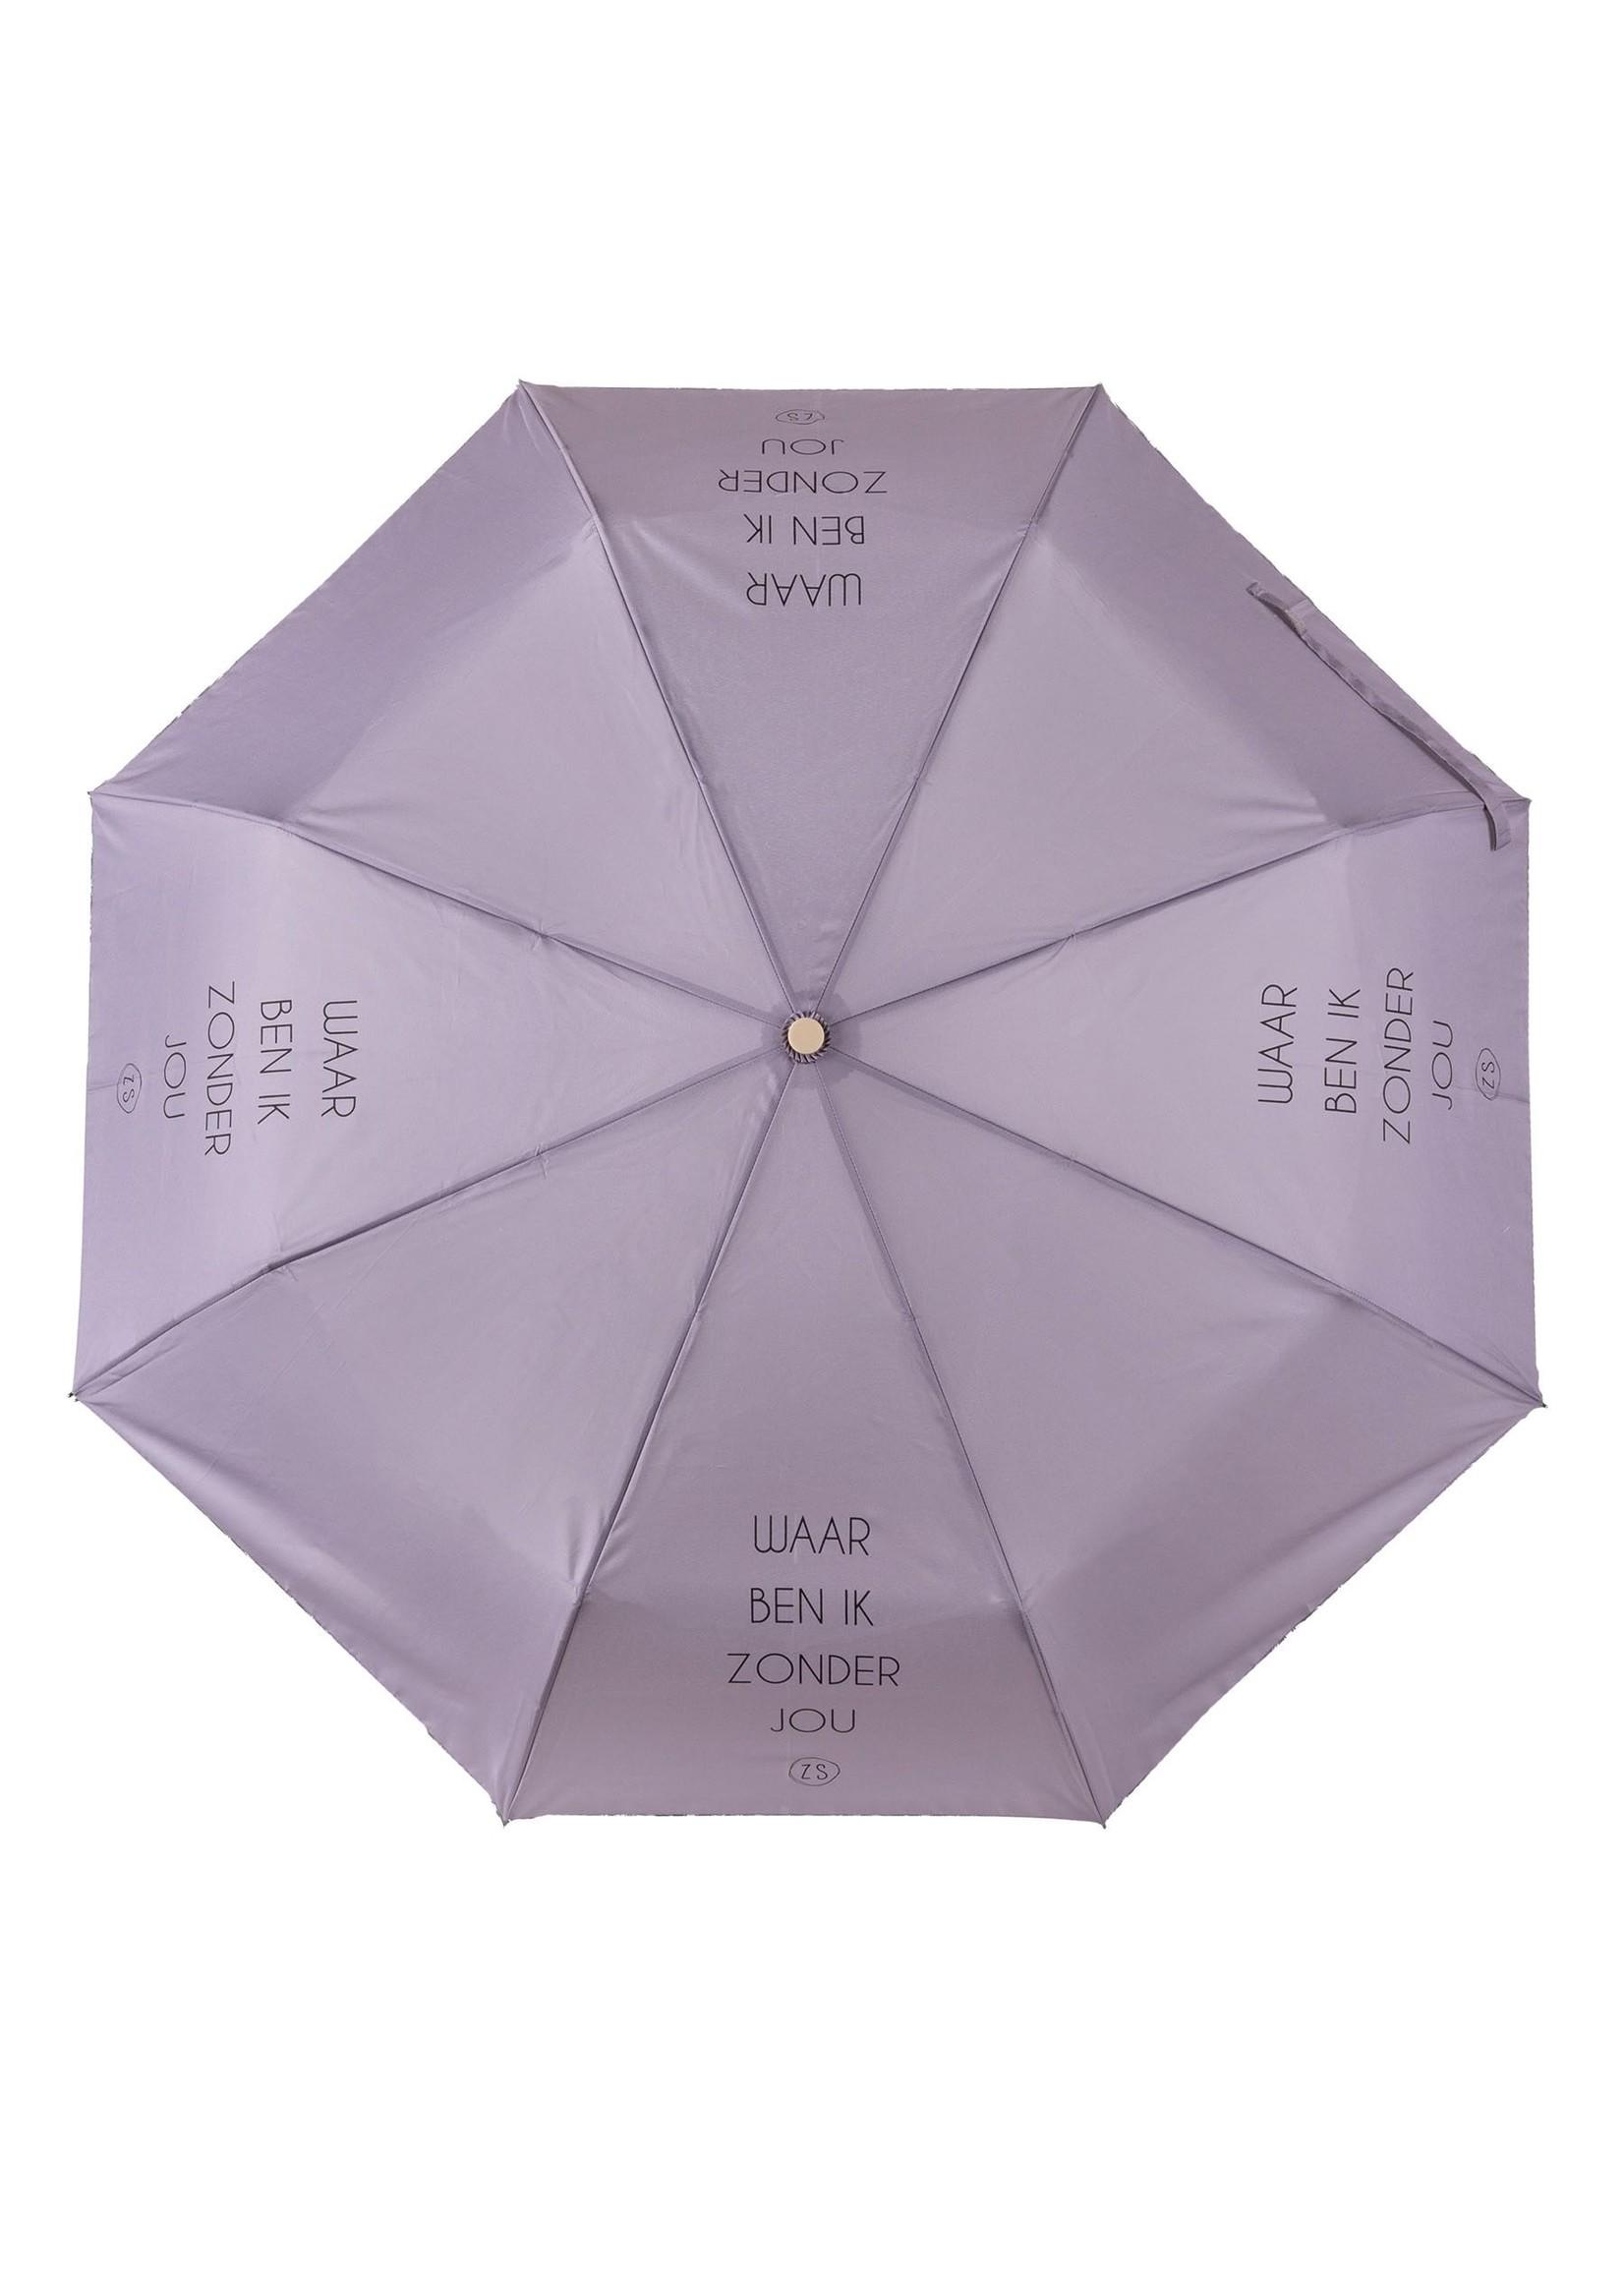 ZUSSS paraplu invouwbaar tekst waar ben ik zonder jou